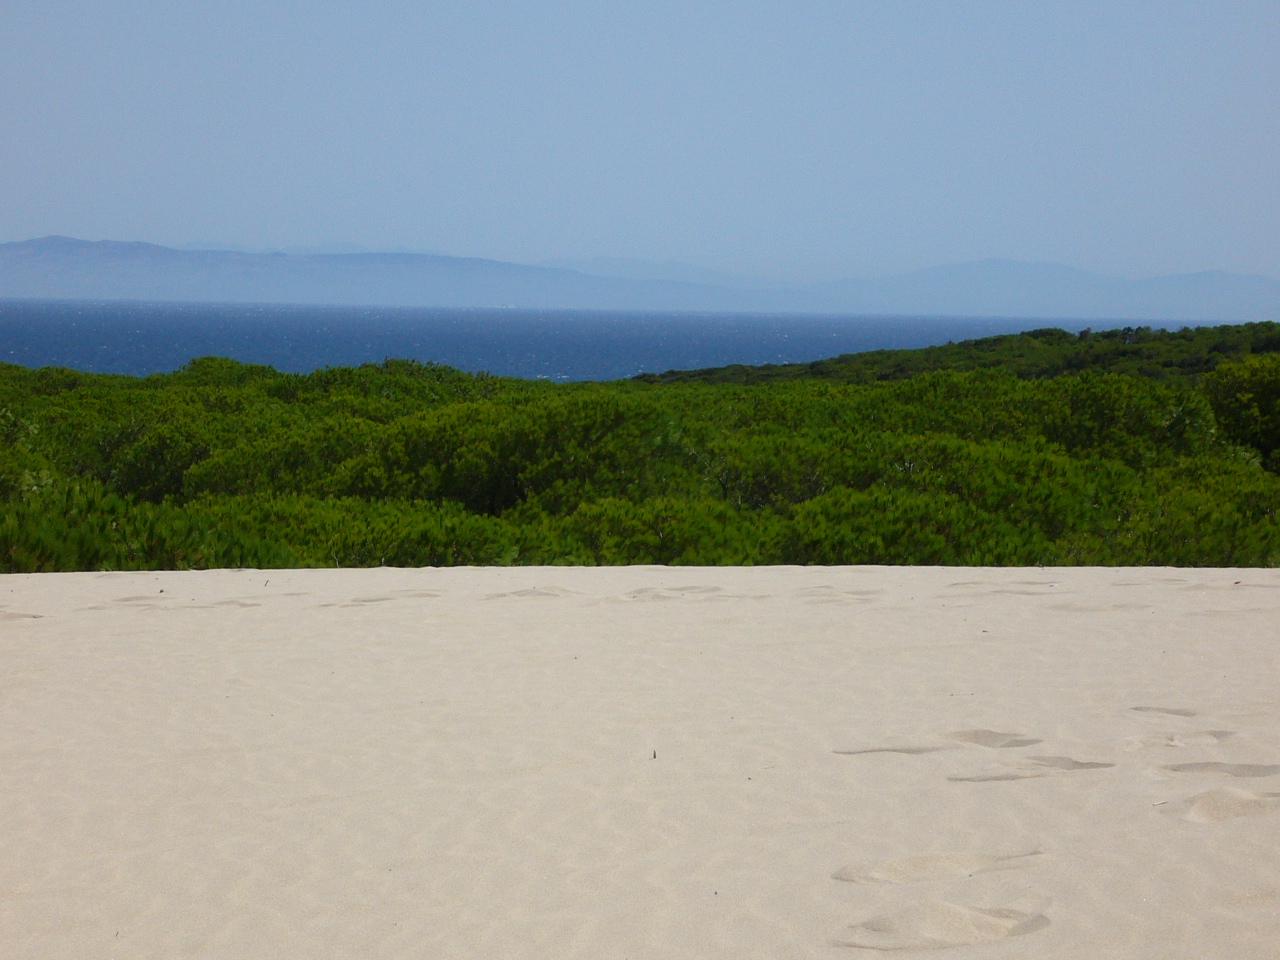 El paraíso... también lo llaman Tarifa (Andalucía)